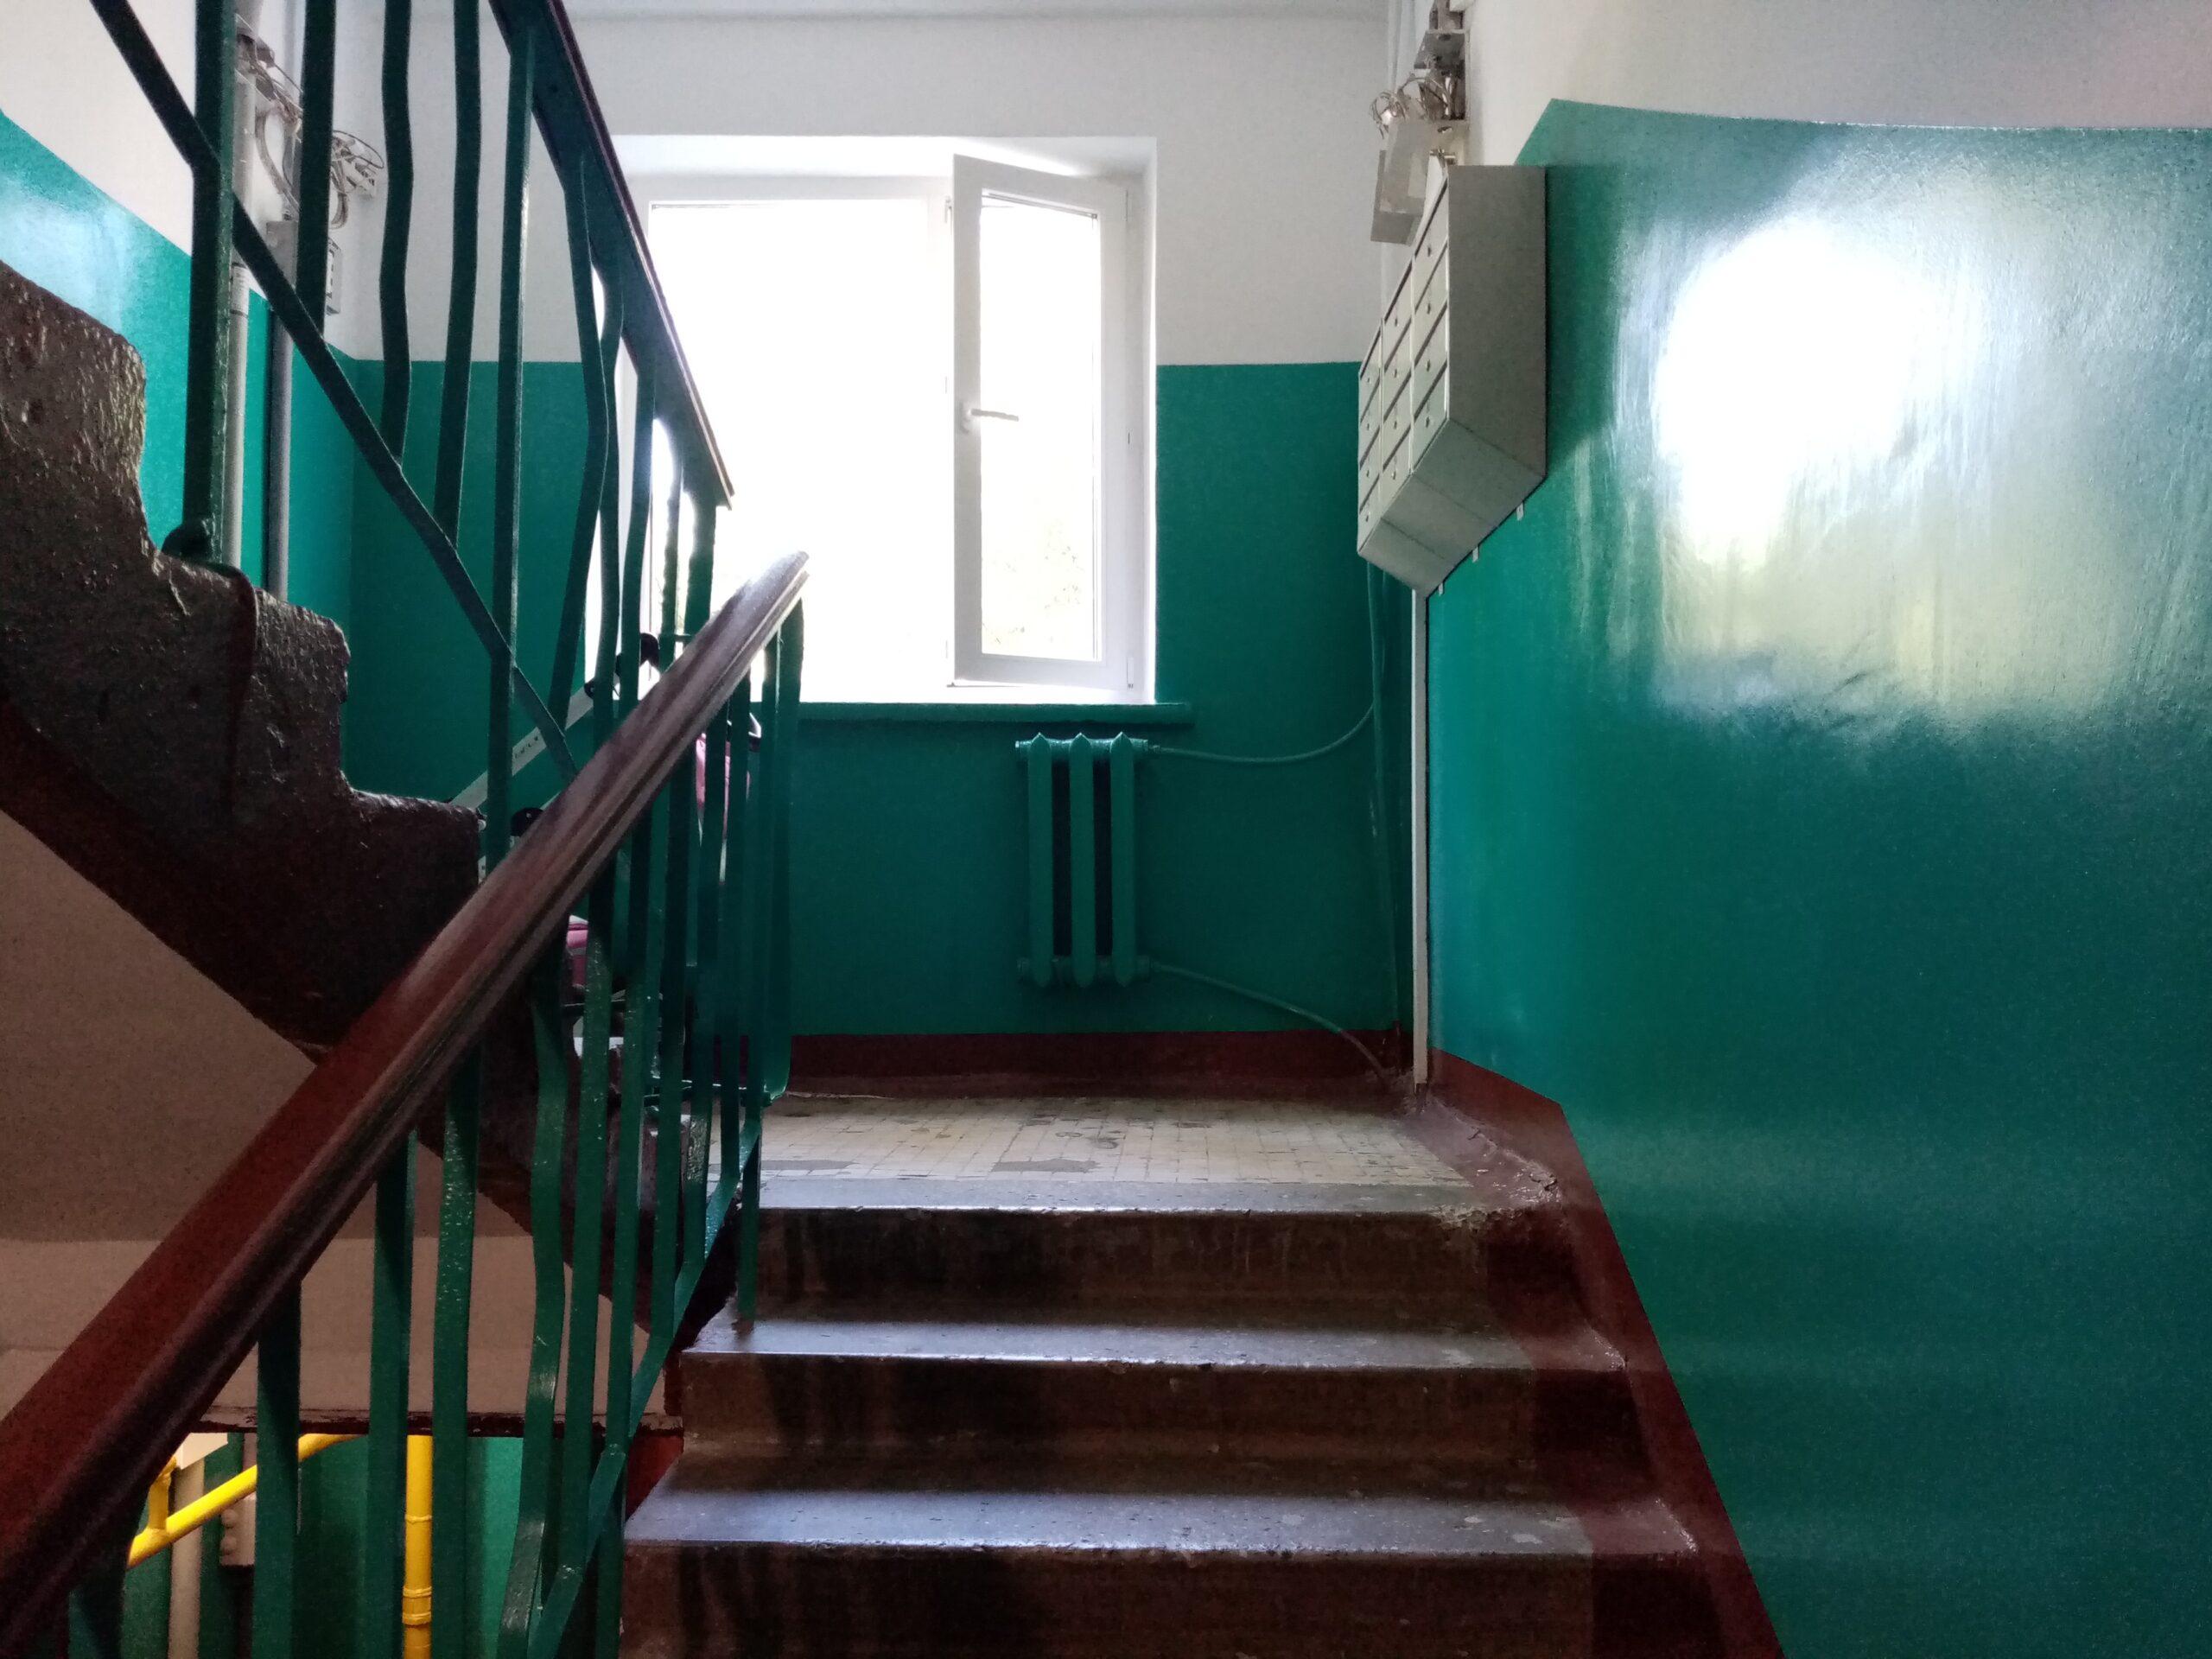 В Тверской области осудили мужчину, убившего в подъезде своего знакомого